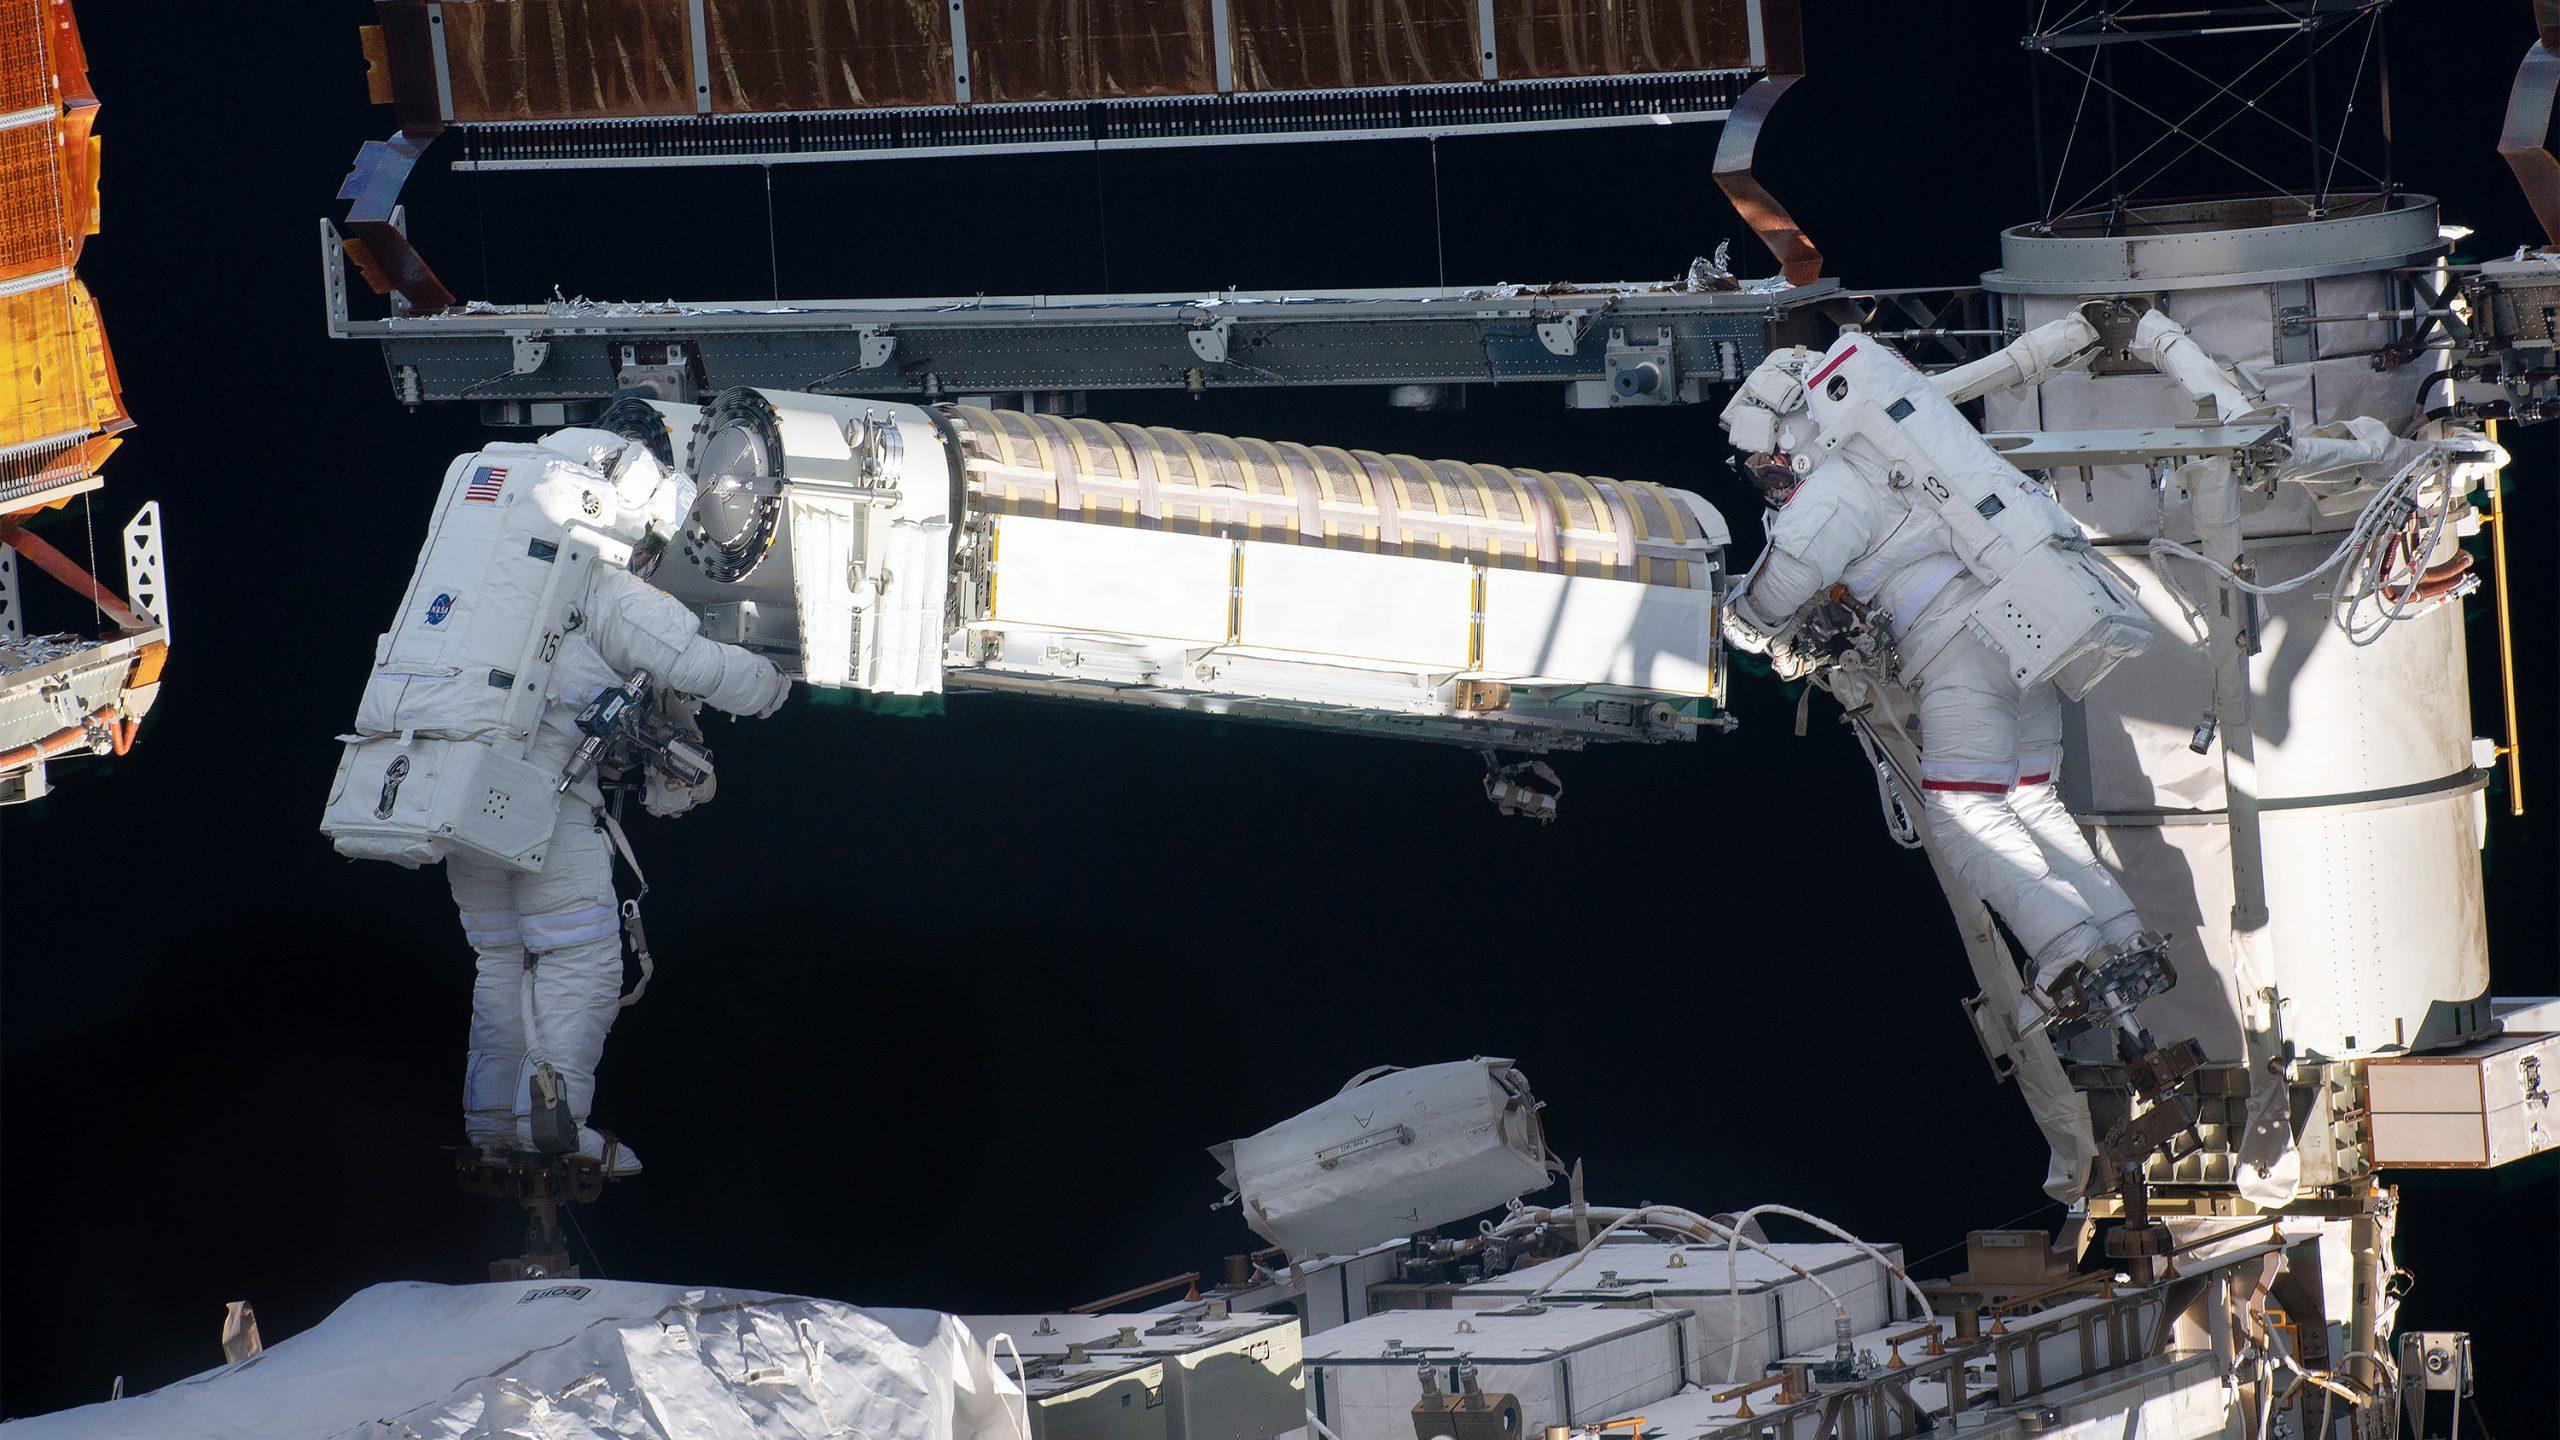 50年で激変した宇宙の利用価値、新たな国際協定はどうあるべきか